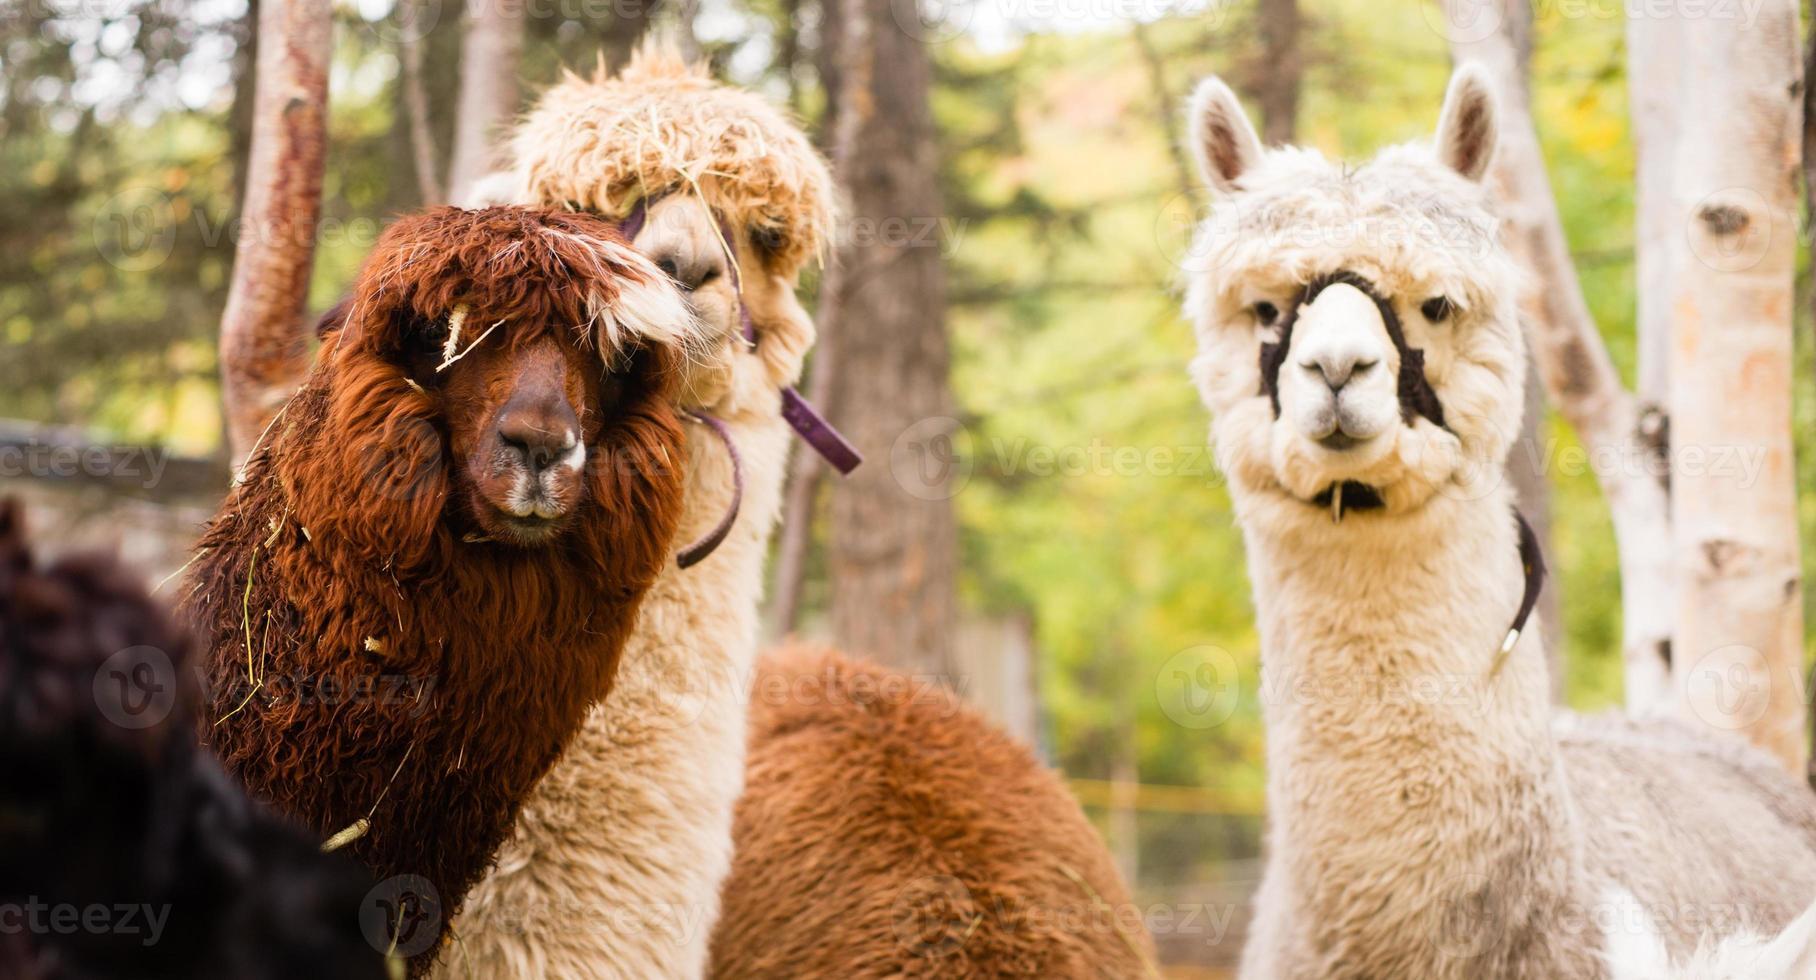 grupo de lhama doméstica fazenda gado animais foto